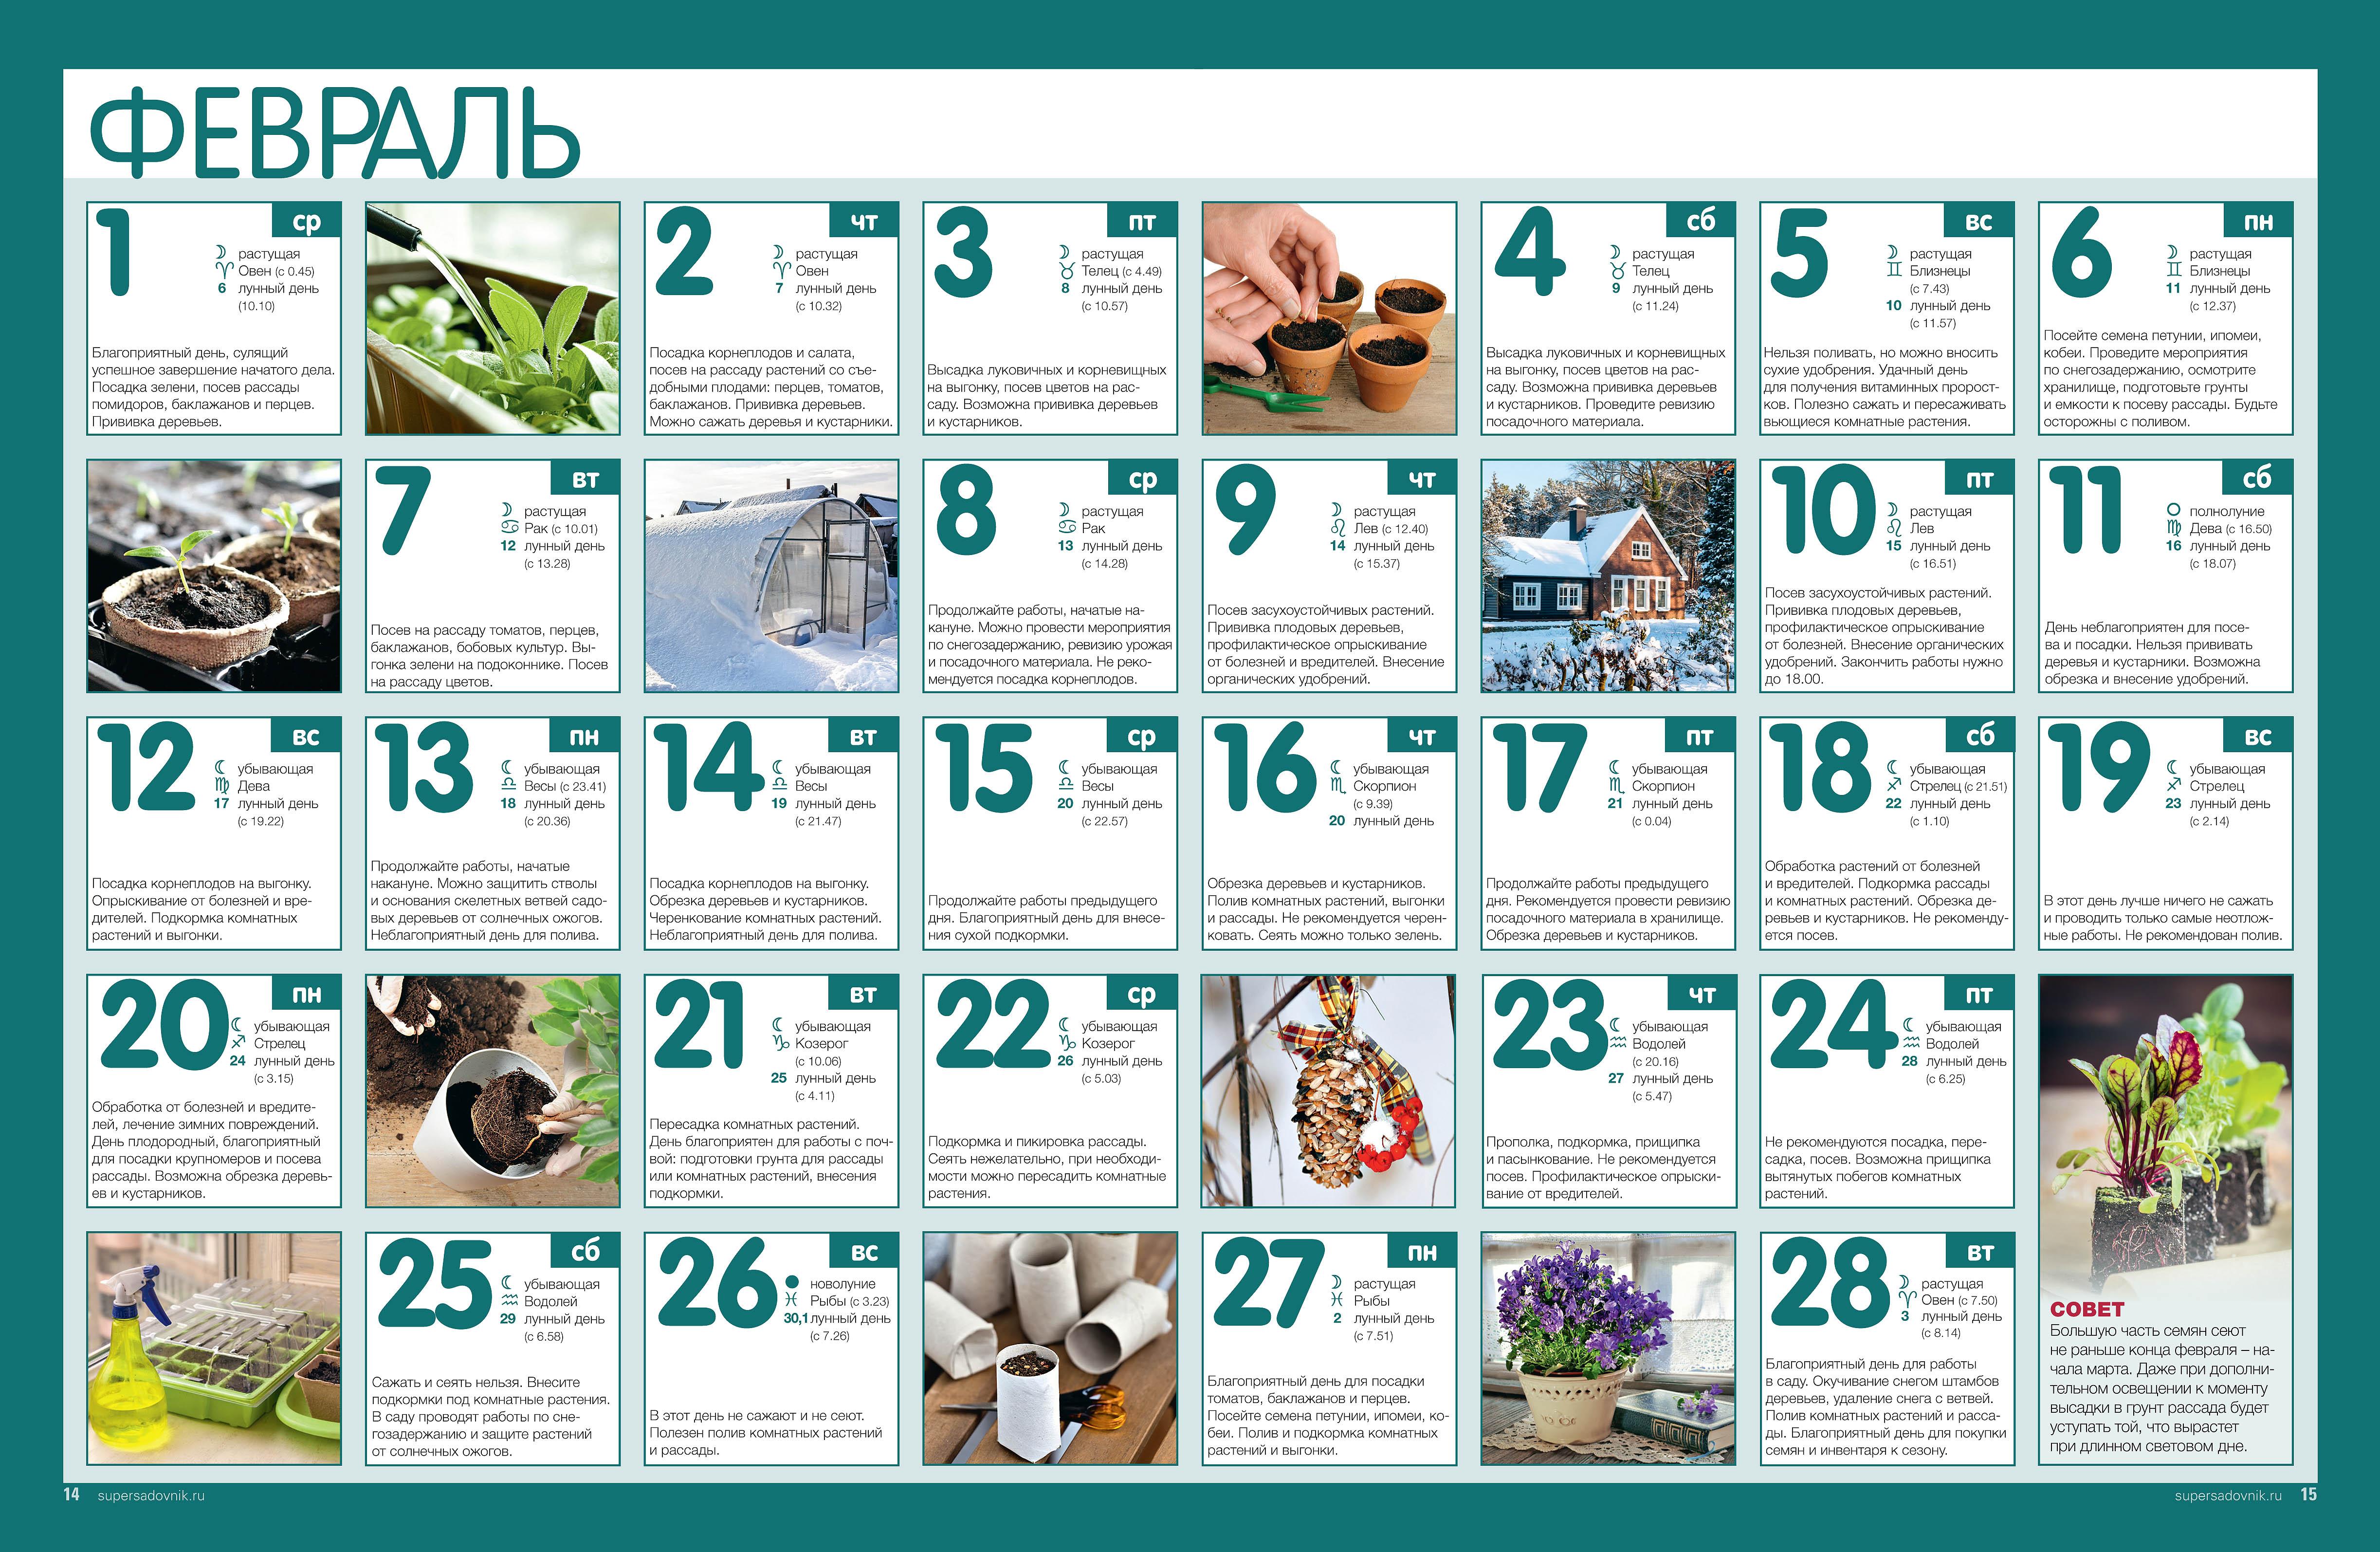 Какие мероприятие на выходные в москве